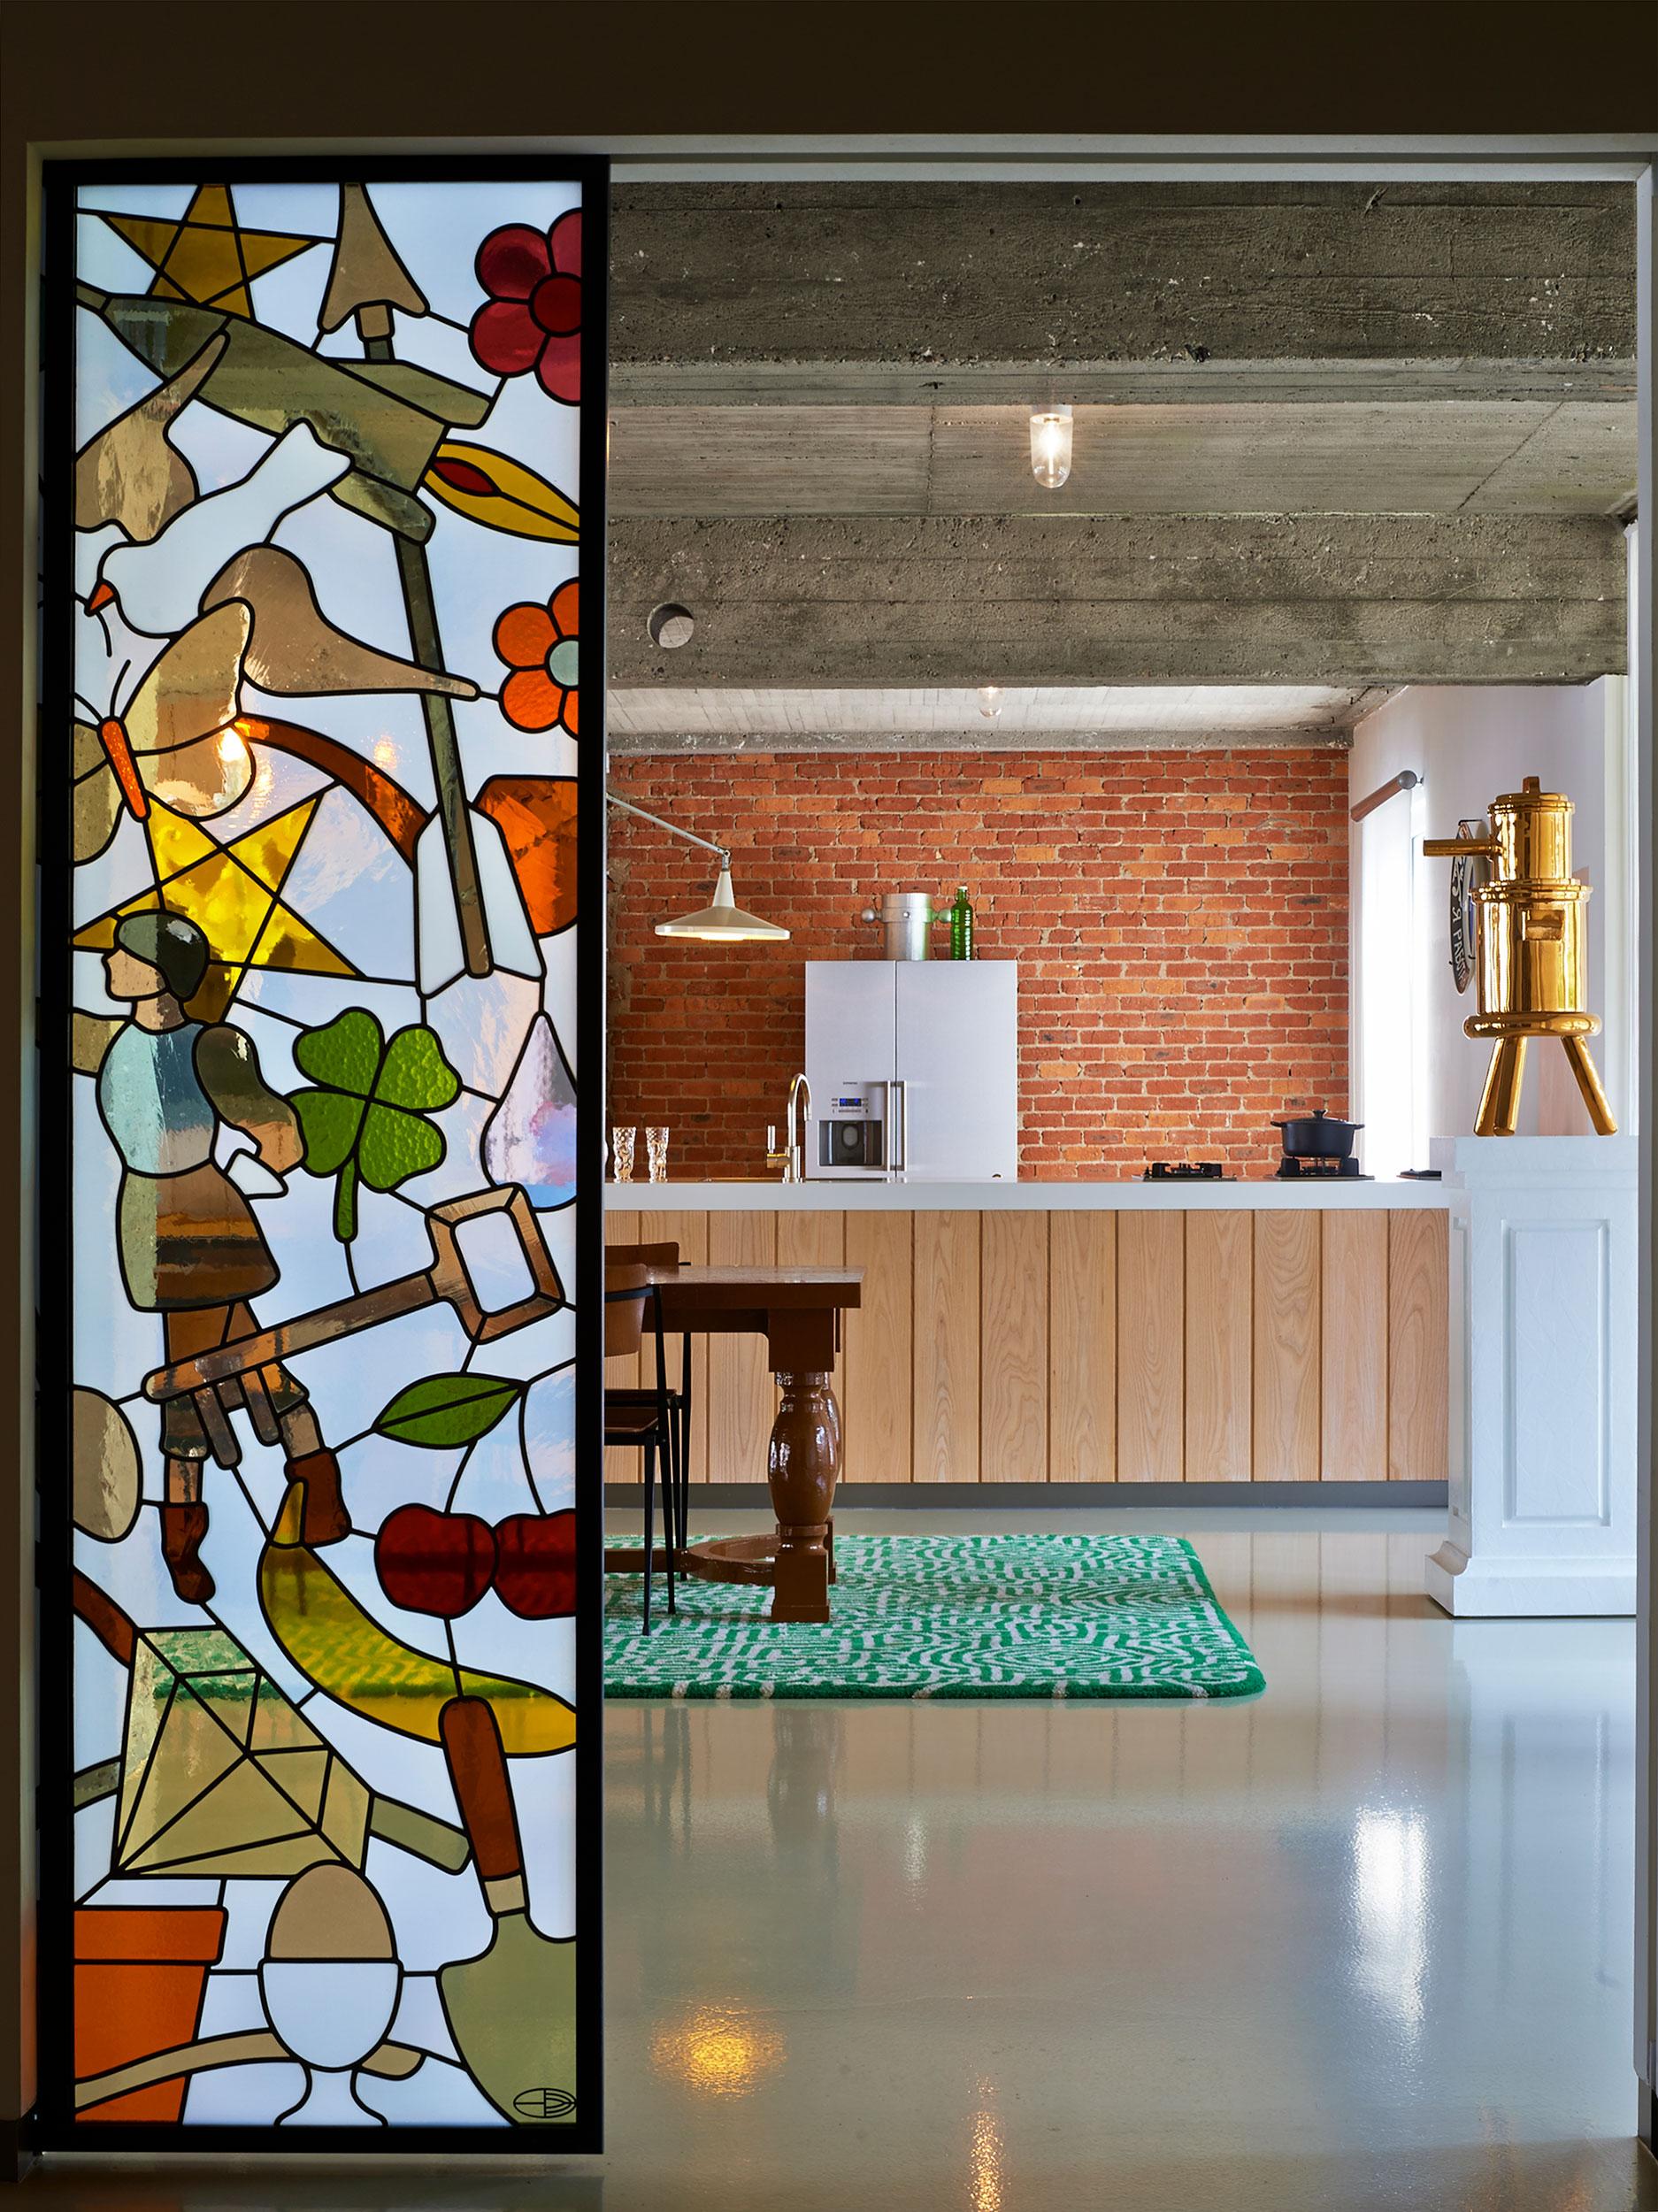 Studio-Job-Loft-1st-floor-entrance-dining-kithcen-ph-Dennis-Brandsma-22713-0254